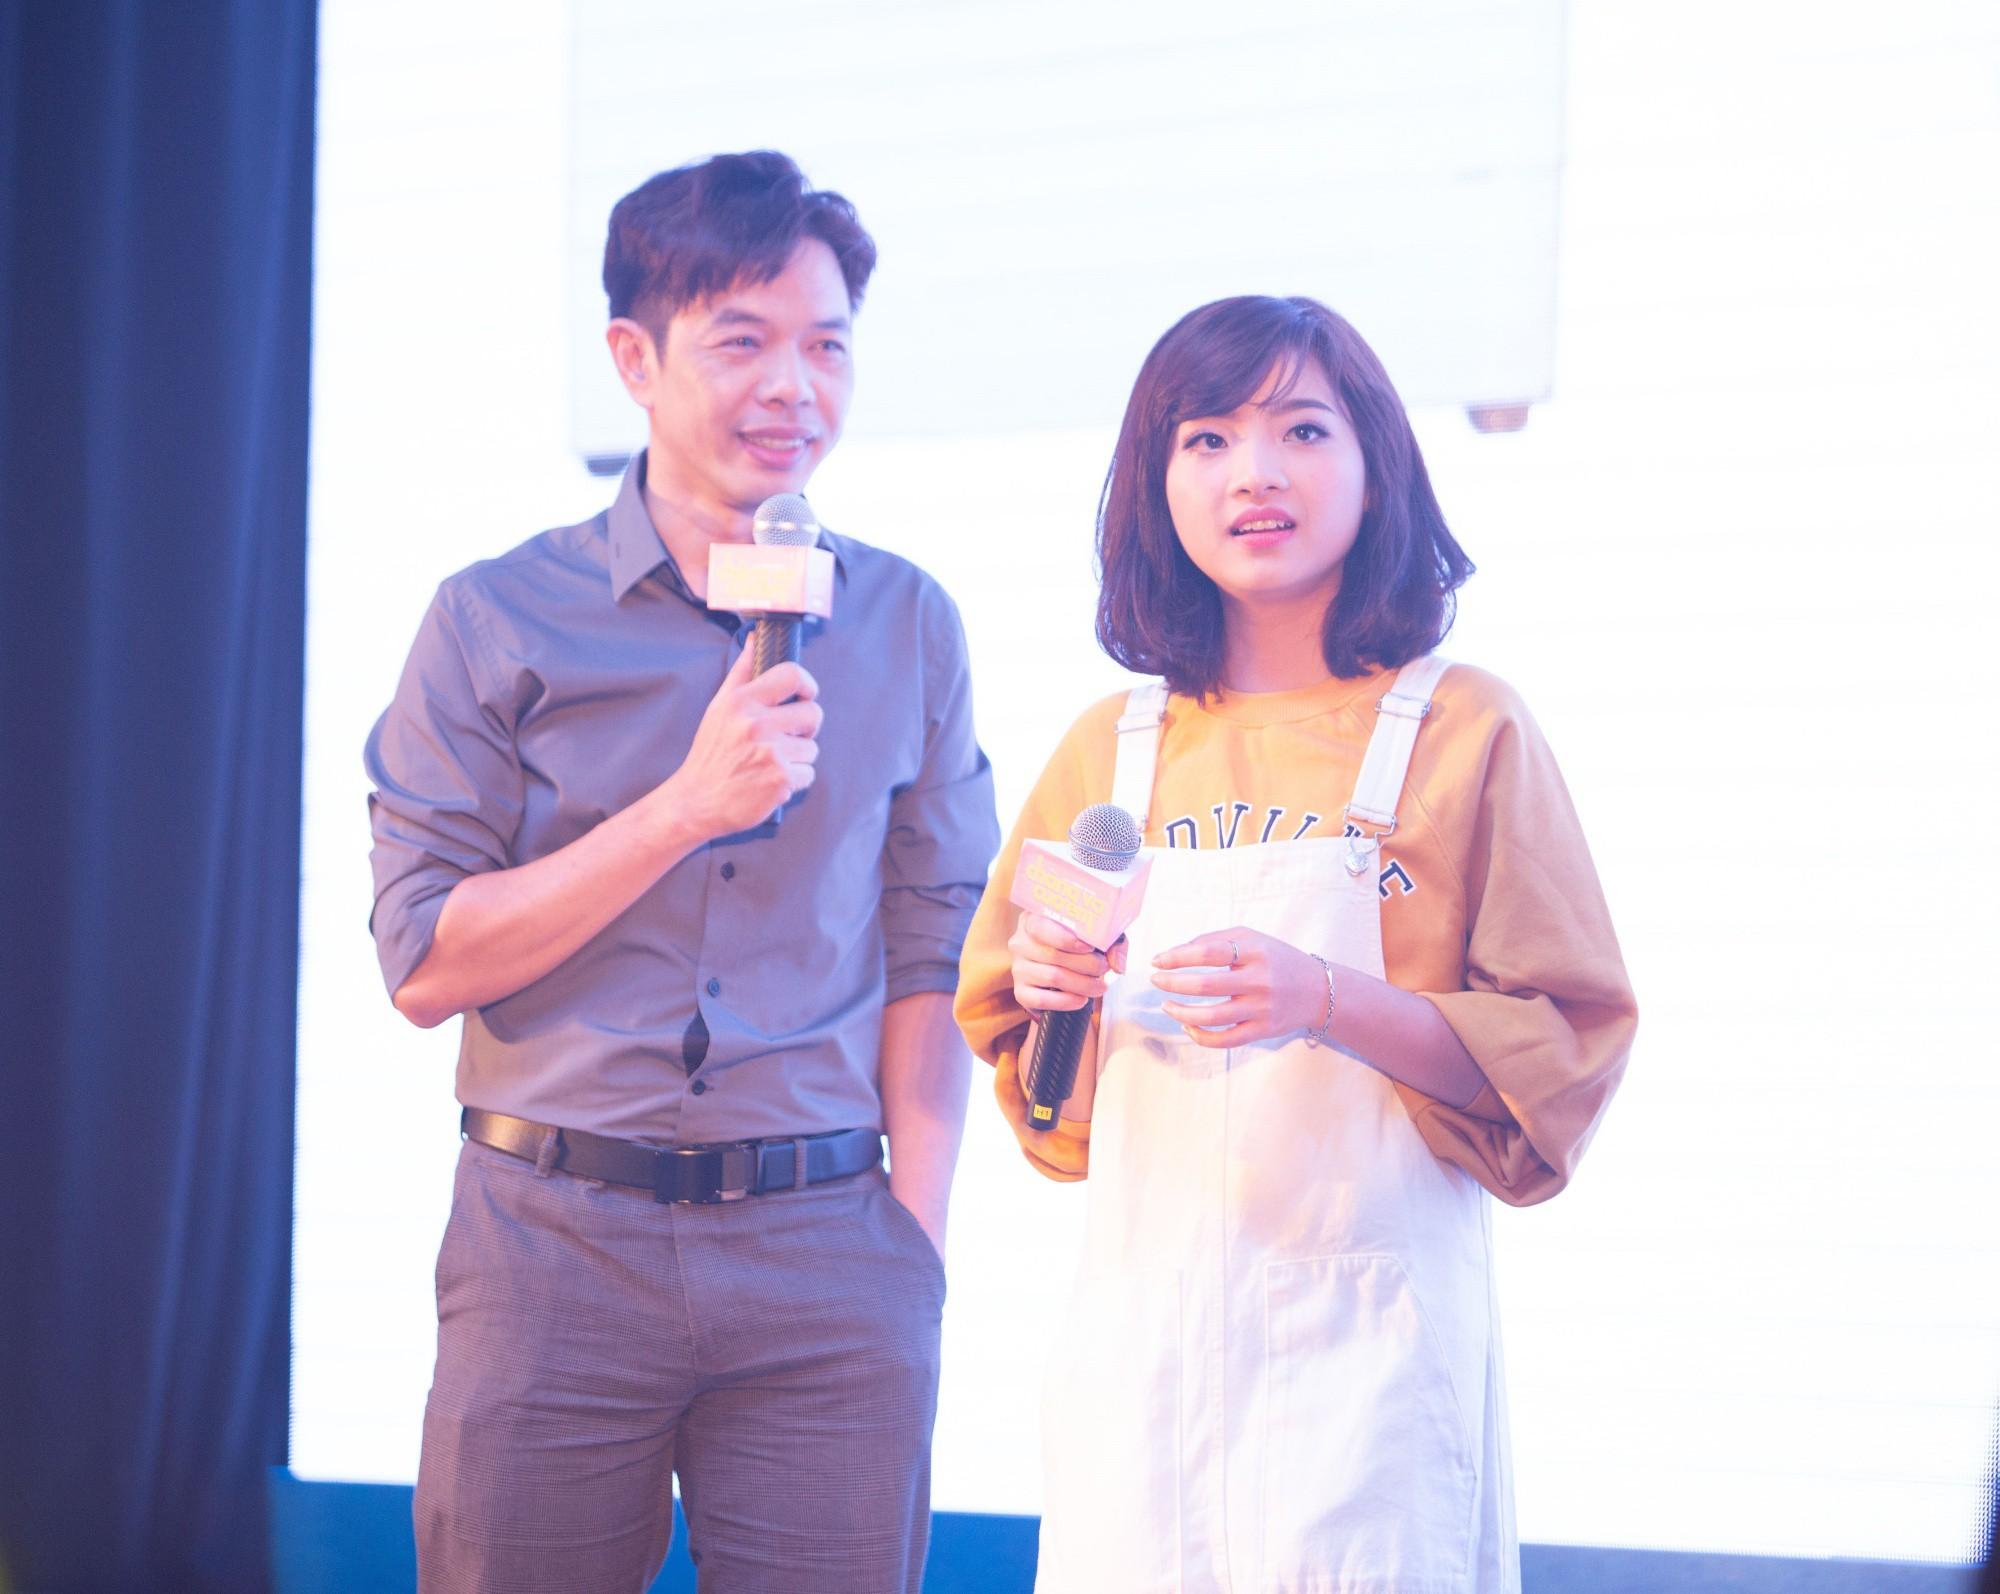 Thái Hòa gây cười không ngớt khi kể chuyện đã khỏa thân hơn 1 ngày trước đám đông  - Ảnh 8.